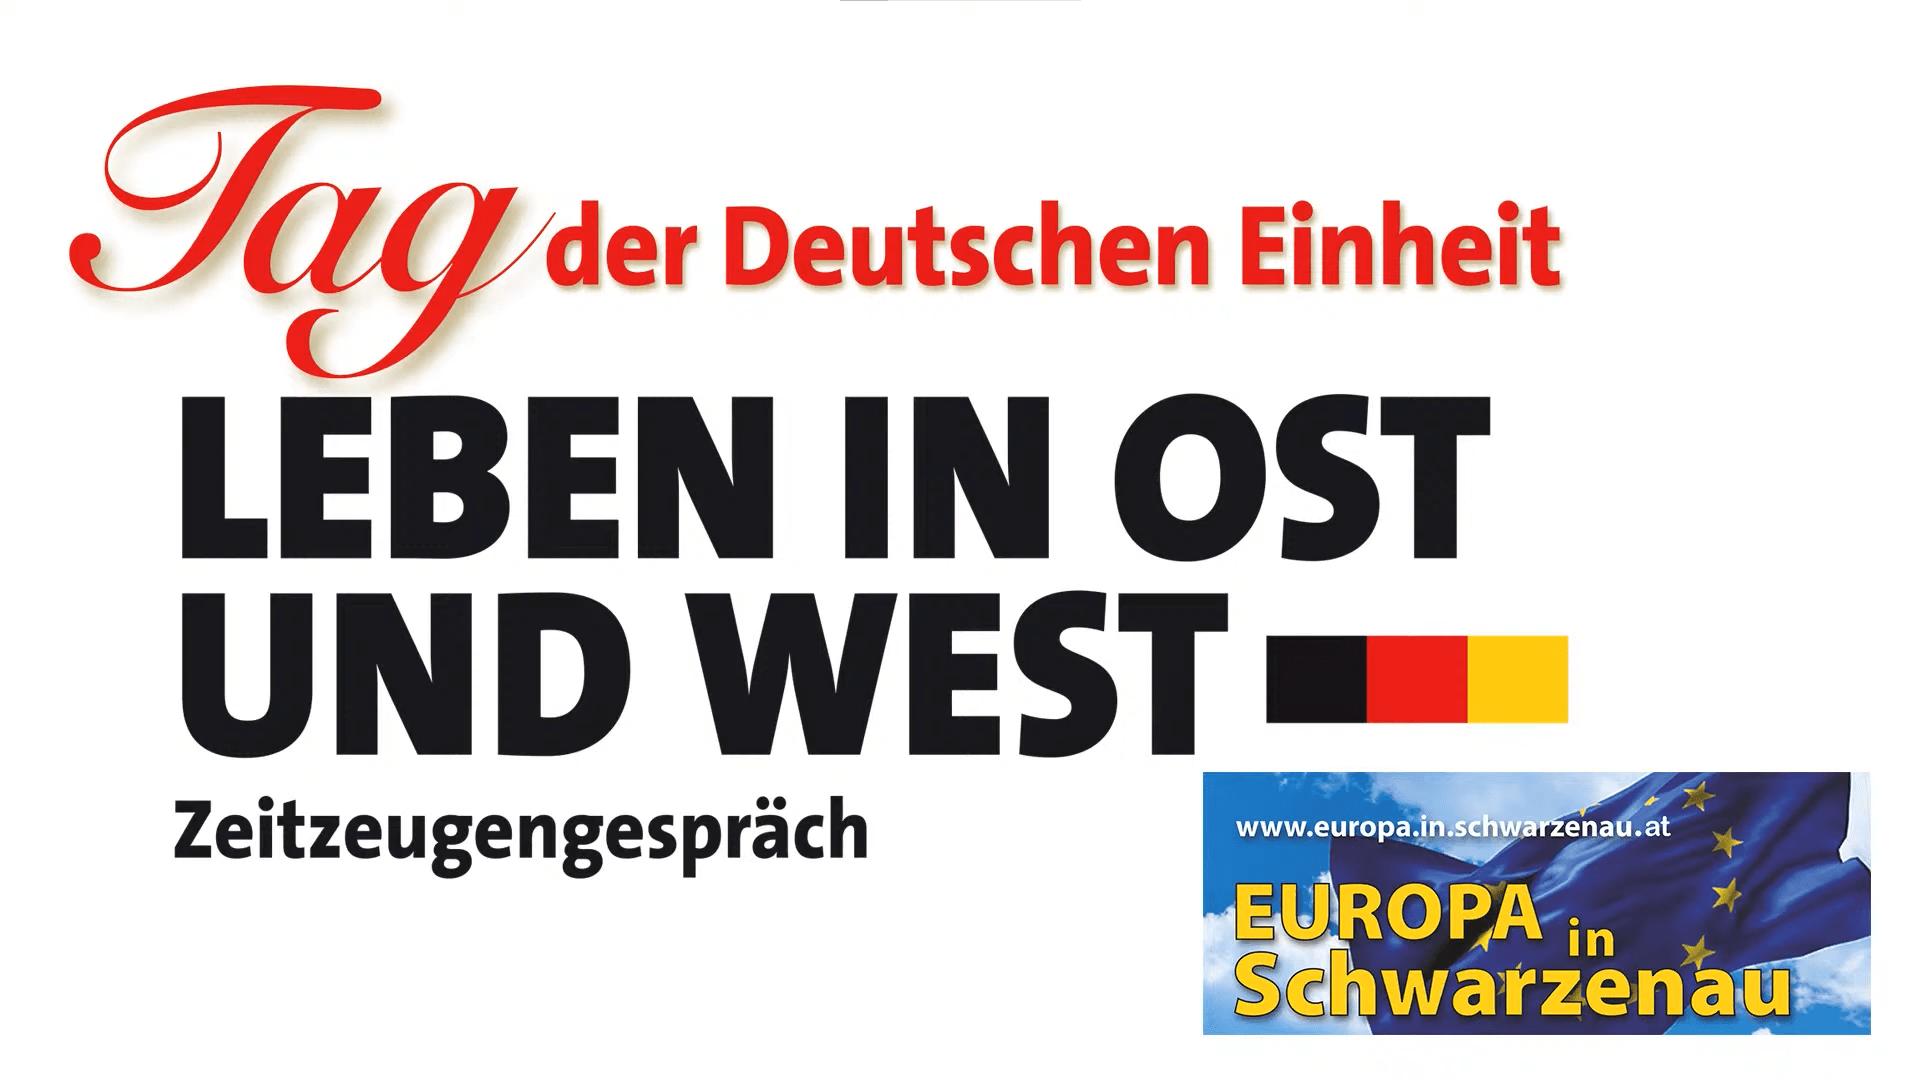 Tag der Deutschen Einheit 1